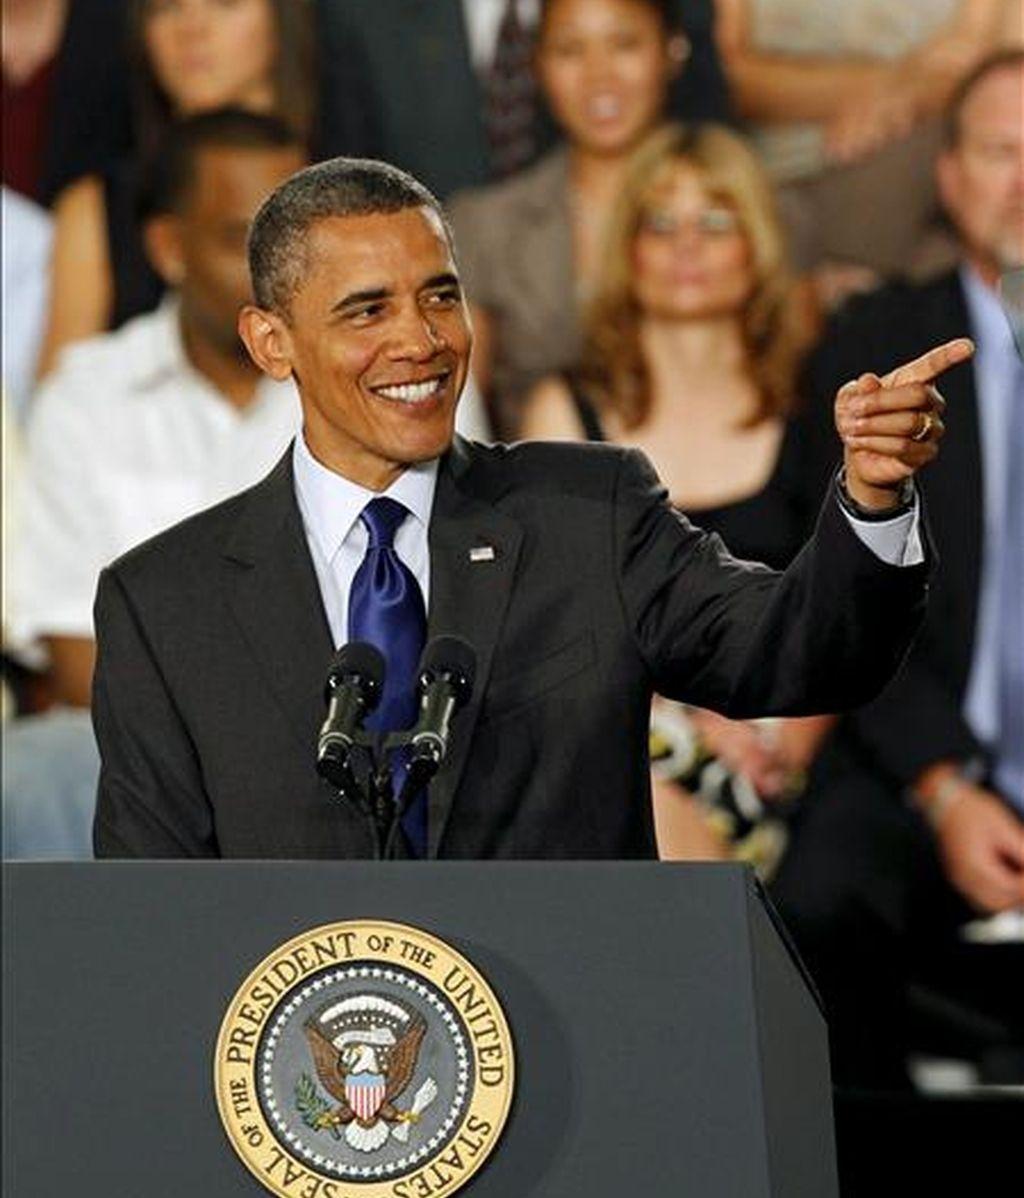 El presidente estadounidense Barack Obama realiza algunas observaciones sobre economía en el campus de la Universidad de Nevada en Las Vegas (EE.UU.). EFE